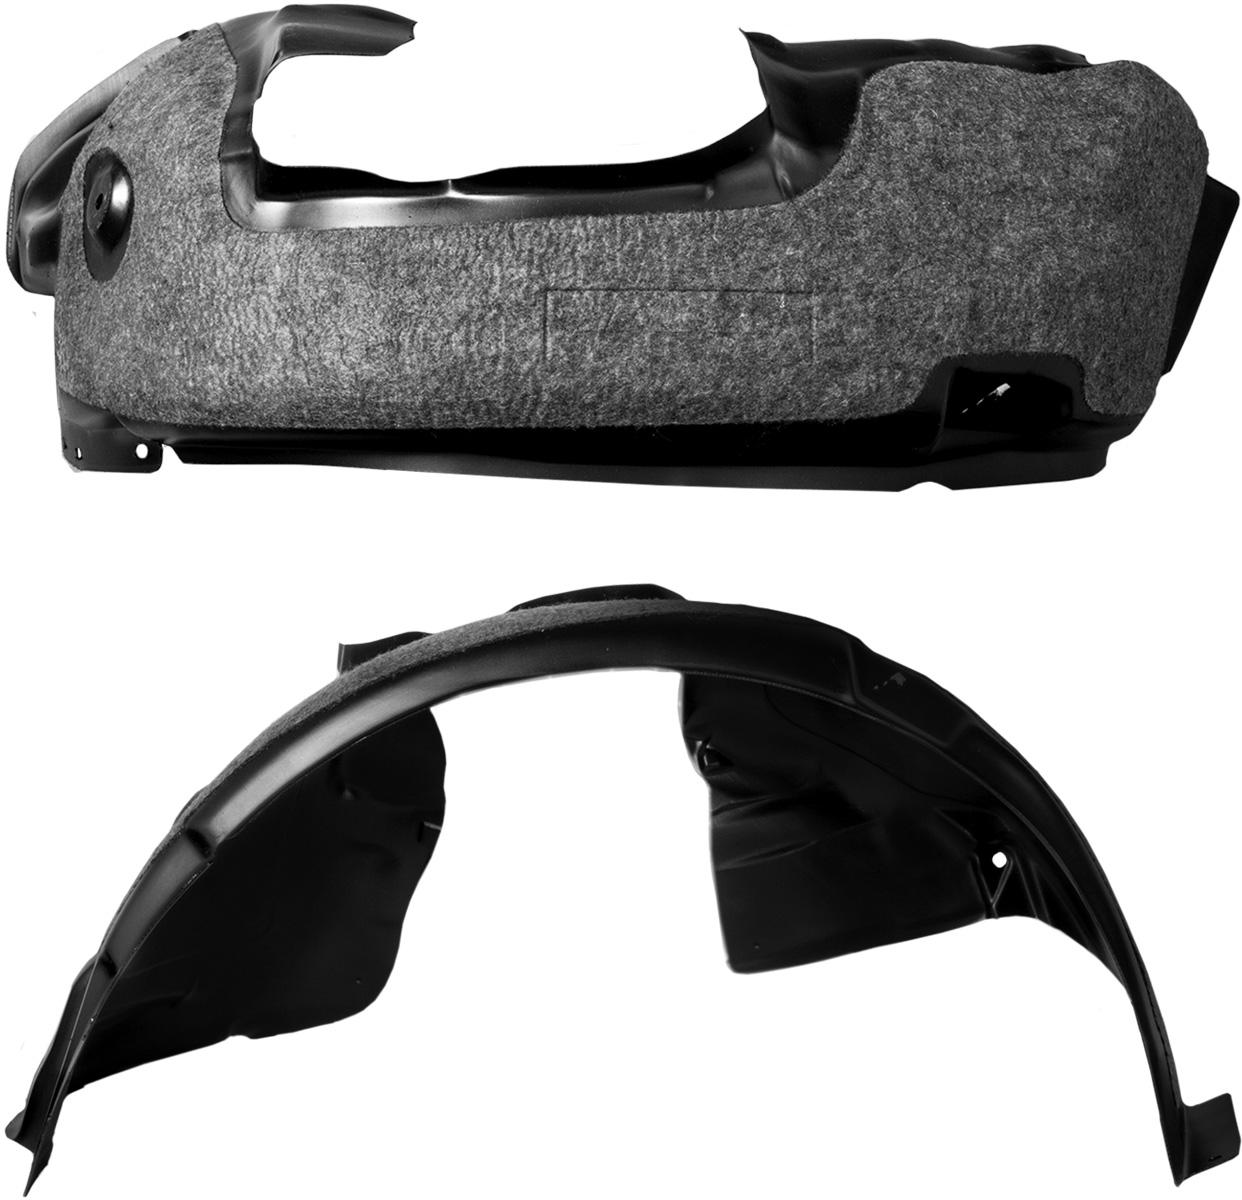 Подкрылок с шумоизоляцией Novline-Autofamily, для Peugeot 408 седан, 04/2012 -> (задний правый)NLL.36.39.004Подкрылок с шумоизоляцией - революционный продукт, совмещающий в себе все достоинства обычного подкрылка, и в то же время являющийся одним из наиболее эффективных средств борьбы с внешним шумом в салоне автомобиля. Подкрылки бренда Novline-Autofamily разрабатываются индивидуально для каждого автомобиля с использованием метода 3D-сканирования.В качестве шумоизолирующего слоя применяется легкое синтетическое нетканое полотно толщиной 10 мм, которое отталкивает влагу, сохраняет свои шумоизоляционные свойства на протяжении всего периода эксплуатации.Подкрылки с шумоизоляцией не имеют эксплуатационных ограничений и устанавливаются один раз на весь срок службы автомобиля.Подкрылки с шумоизоляцией не имеют аналогов и являются российским изобретением, получившим признание во всём мире. Уважаемые клиенты! Обращаем ваше внимание, фото может не полностью соответствовать оригиналу.